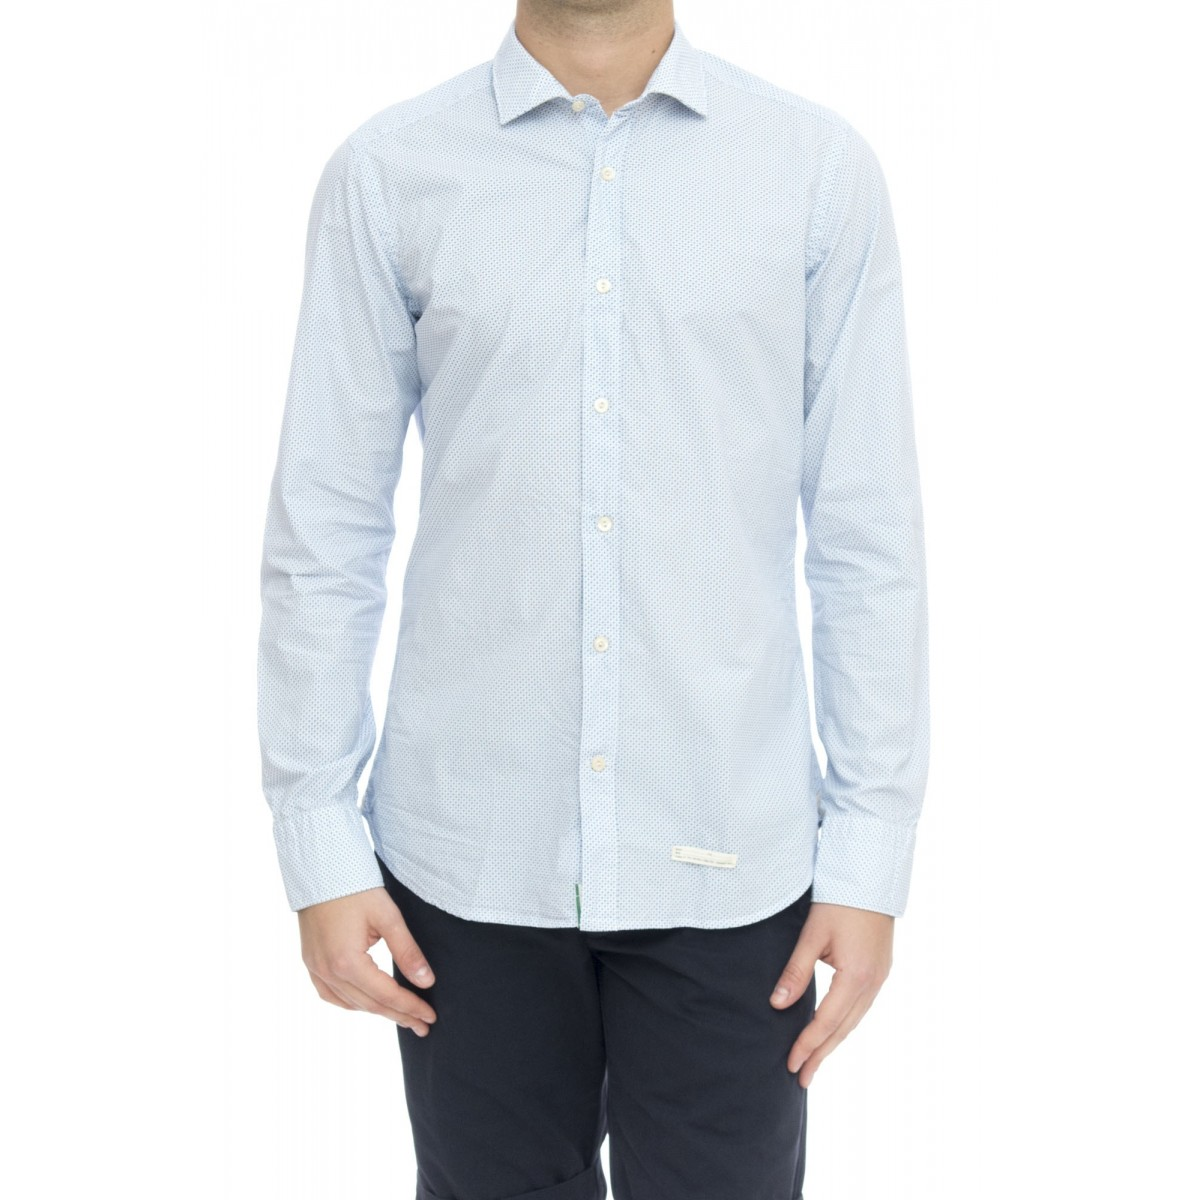 Camicia - Usm njb